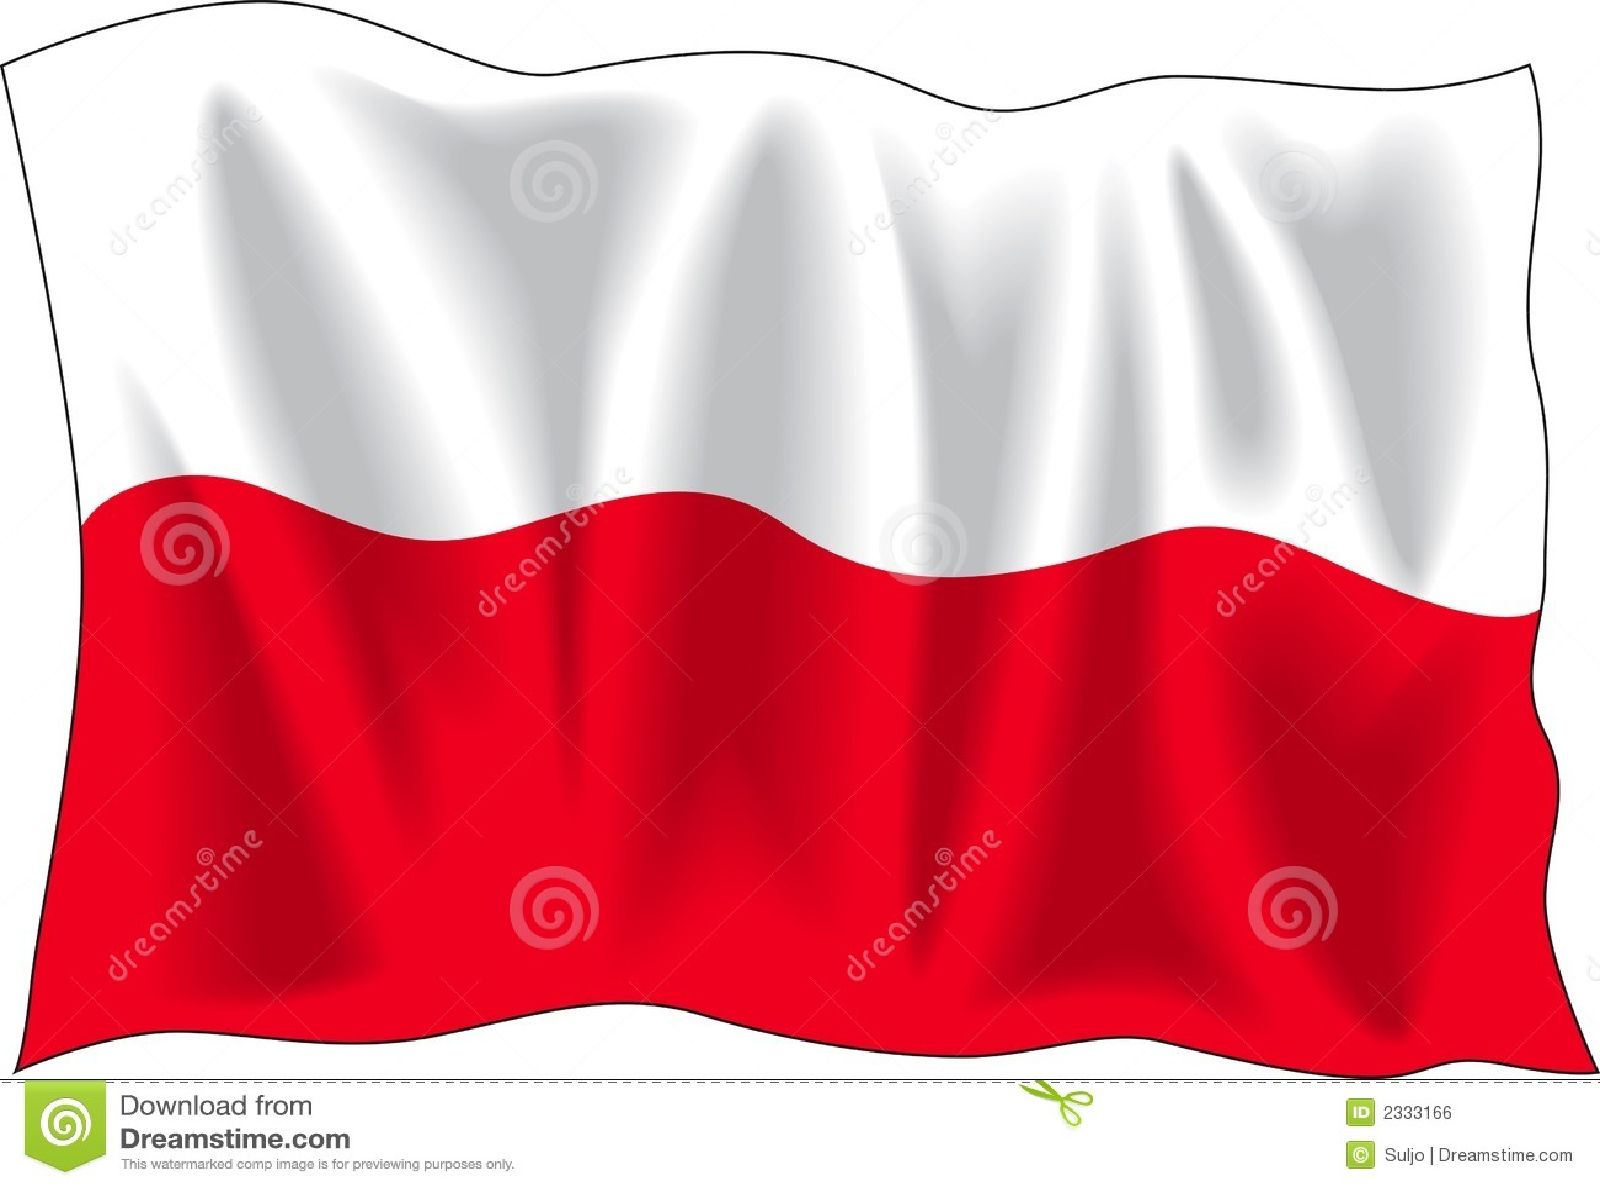 poland flag royalty free stock image image 2333166